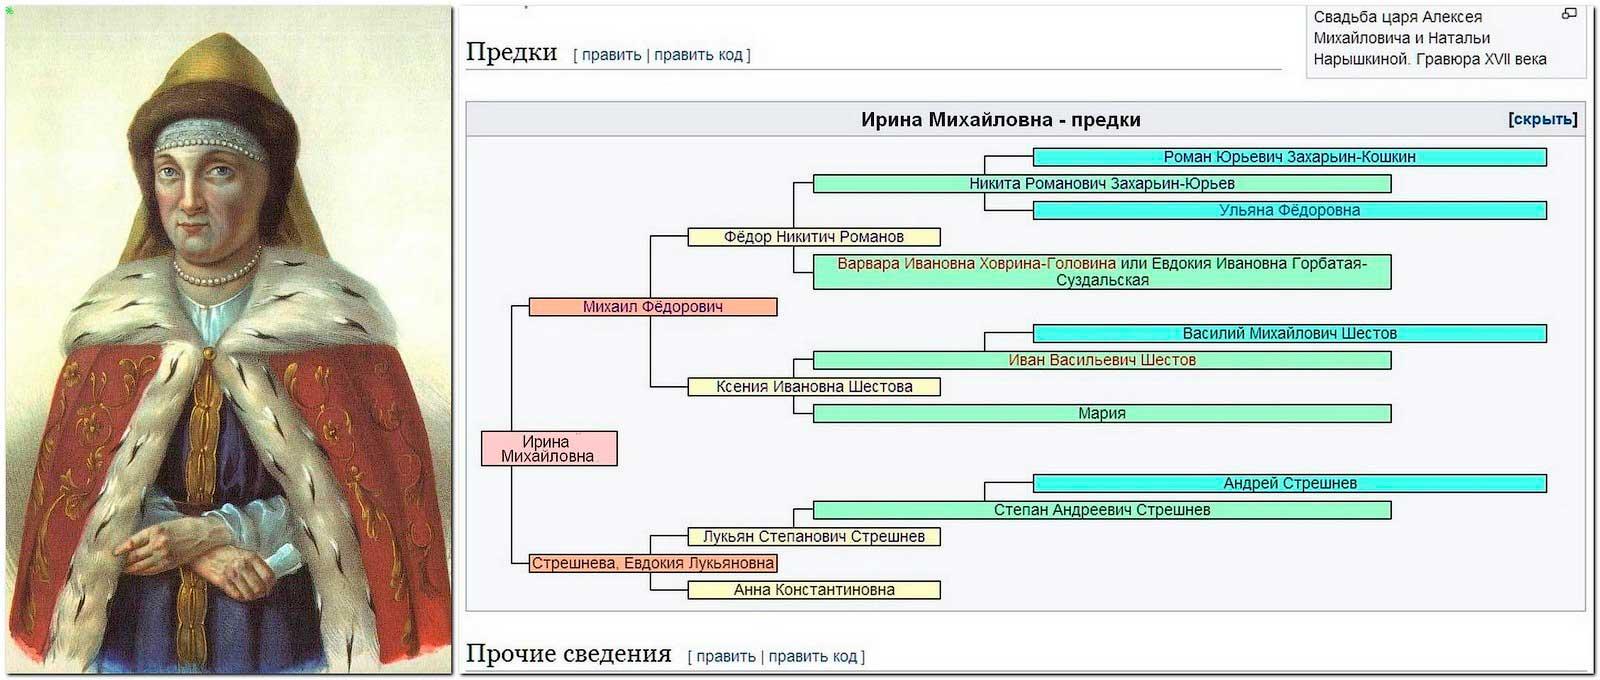 Родословная царевны Ирины в XVII веке.